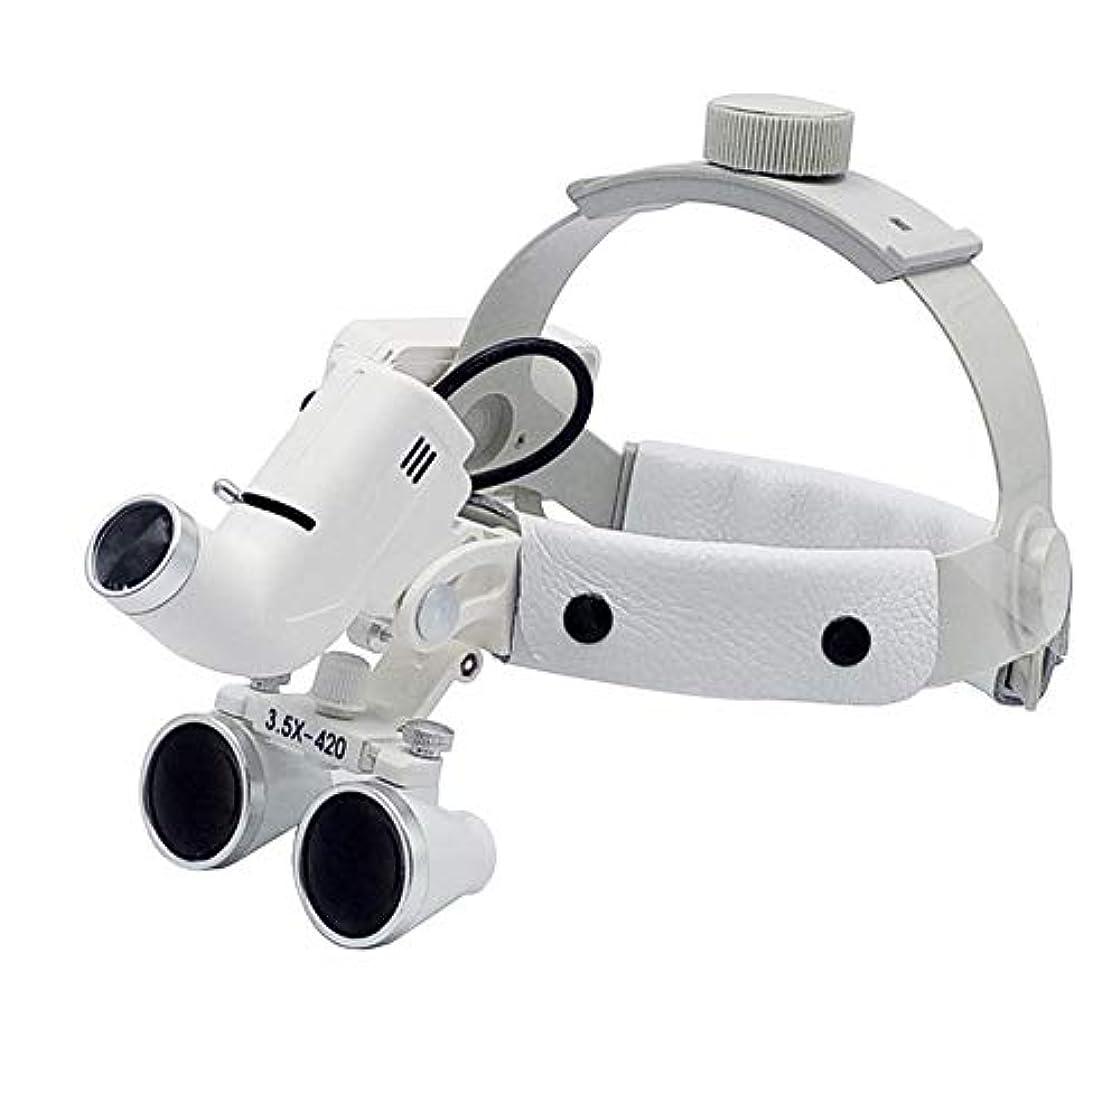 文庫本乱暴な国家LED外科ヘッドライト3.5X420mmレザーヘッドバンド双眼ルーペメガネヘッドバンド拡大鏡高輝度ランプ